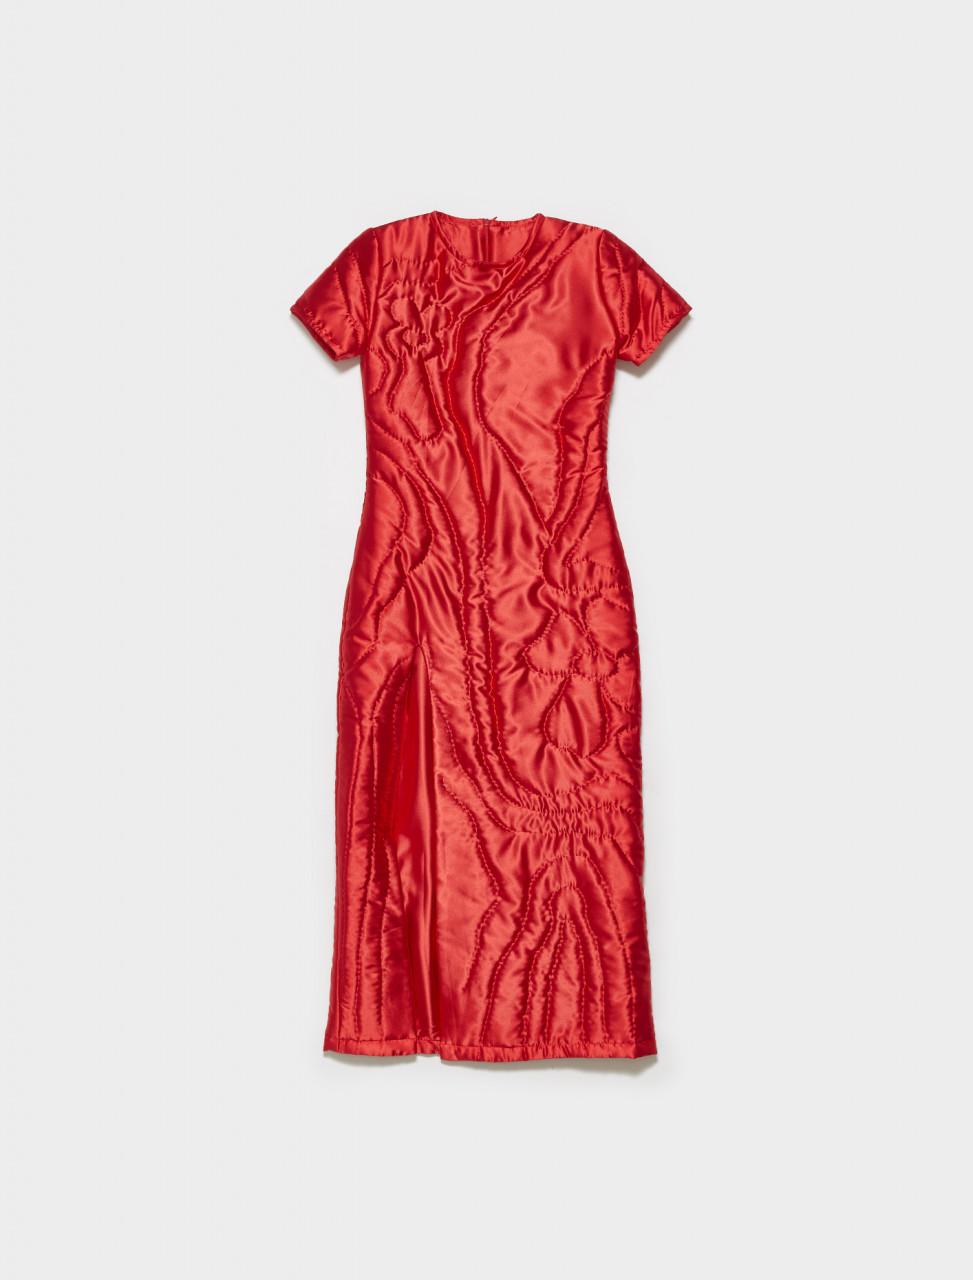 34002-004 CULT FORM YORGAN DRESS IN RED